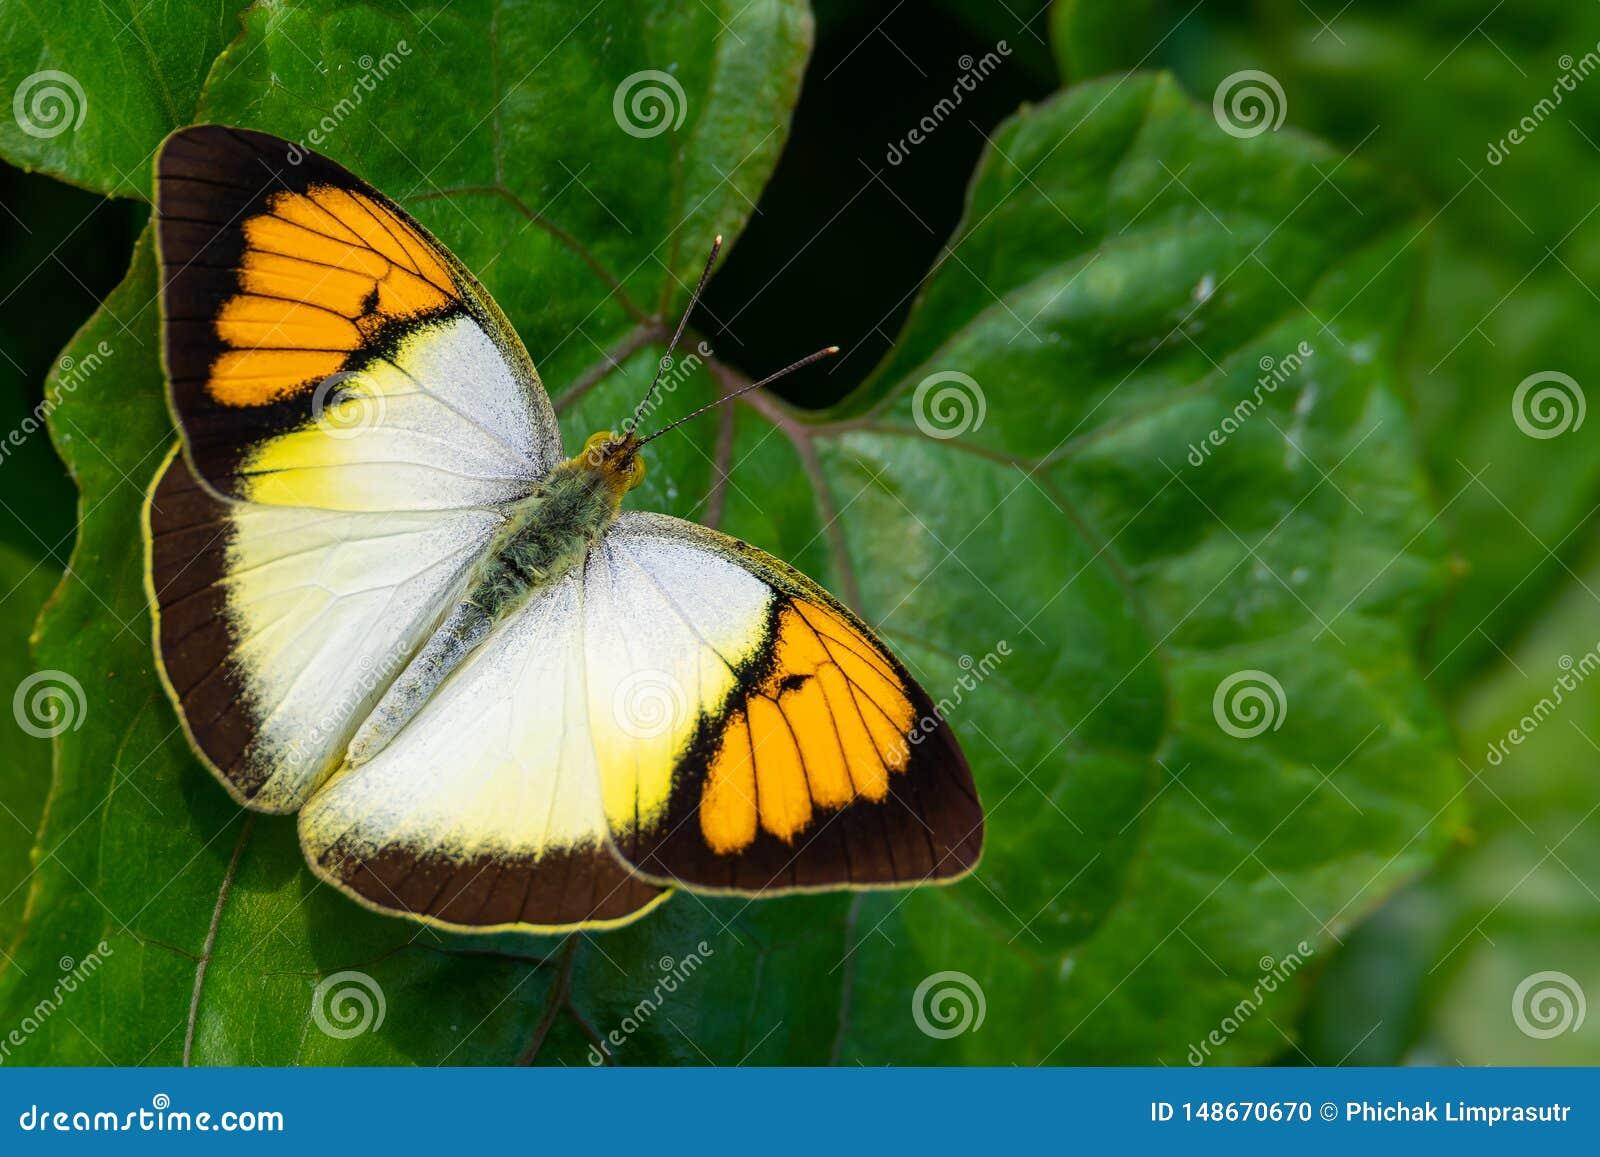 Geeloranje Uiteindevlinder die op blad in een prominente, zonnige positie neerstrijken